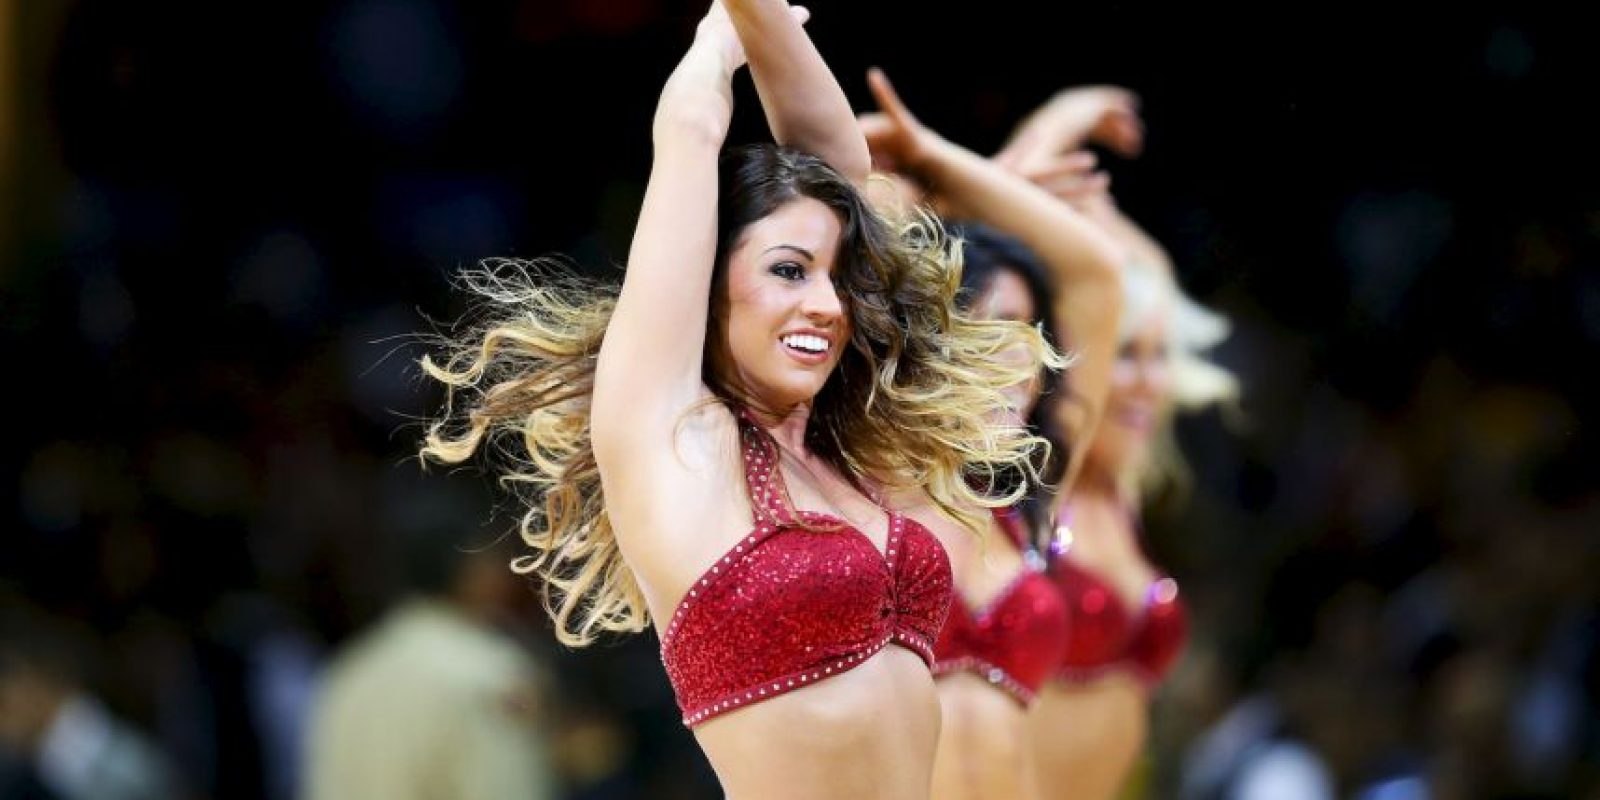 7. Las impresionantes cheerleaders que engalanan las duelas Foto:Getty images